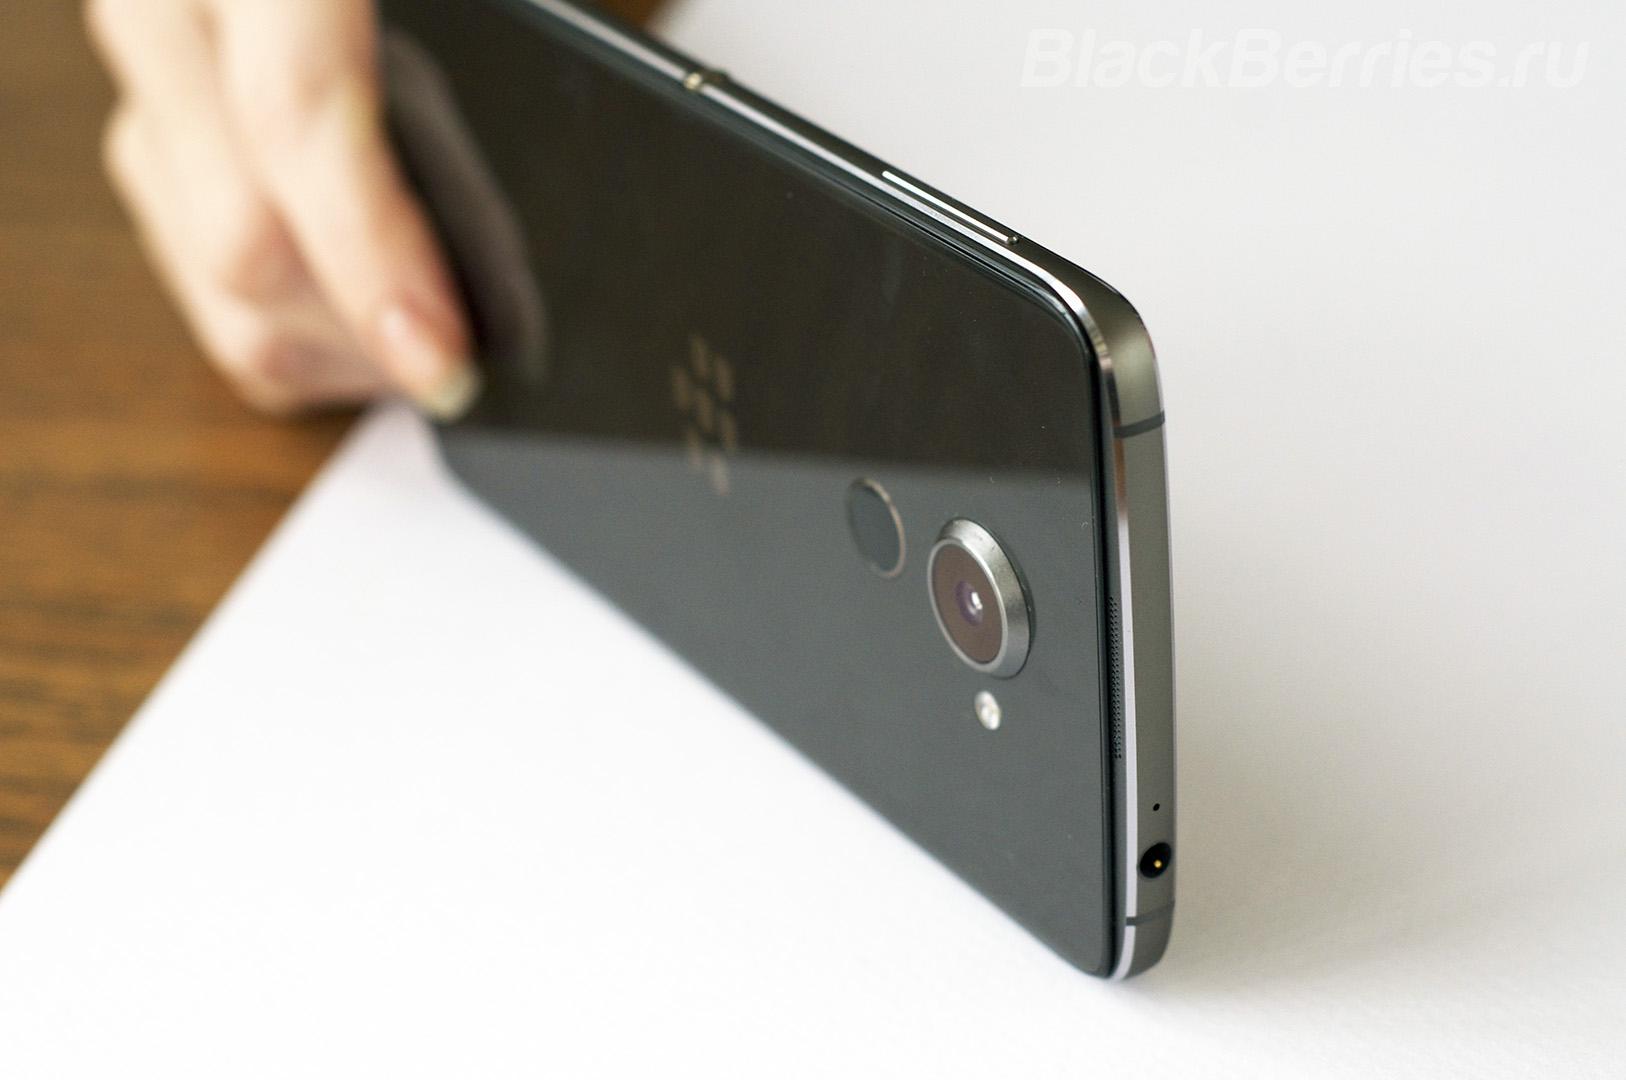 BlackBerryDTEK60